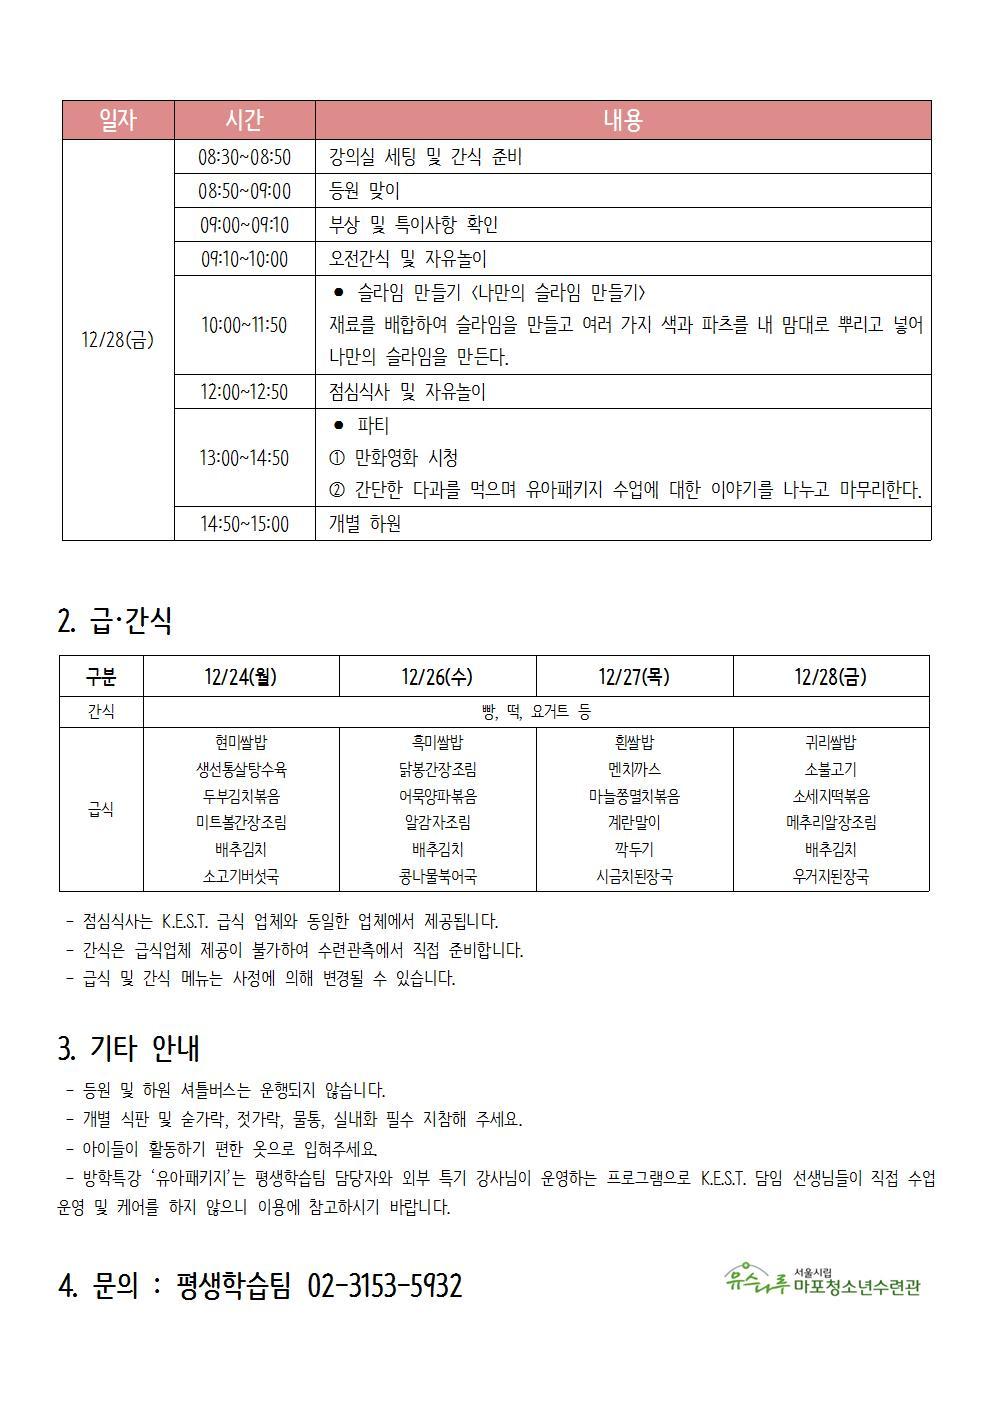 겨울방특 유아패키지 세부 안내문003.jpg